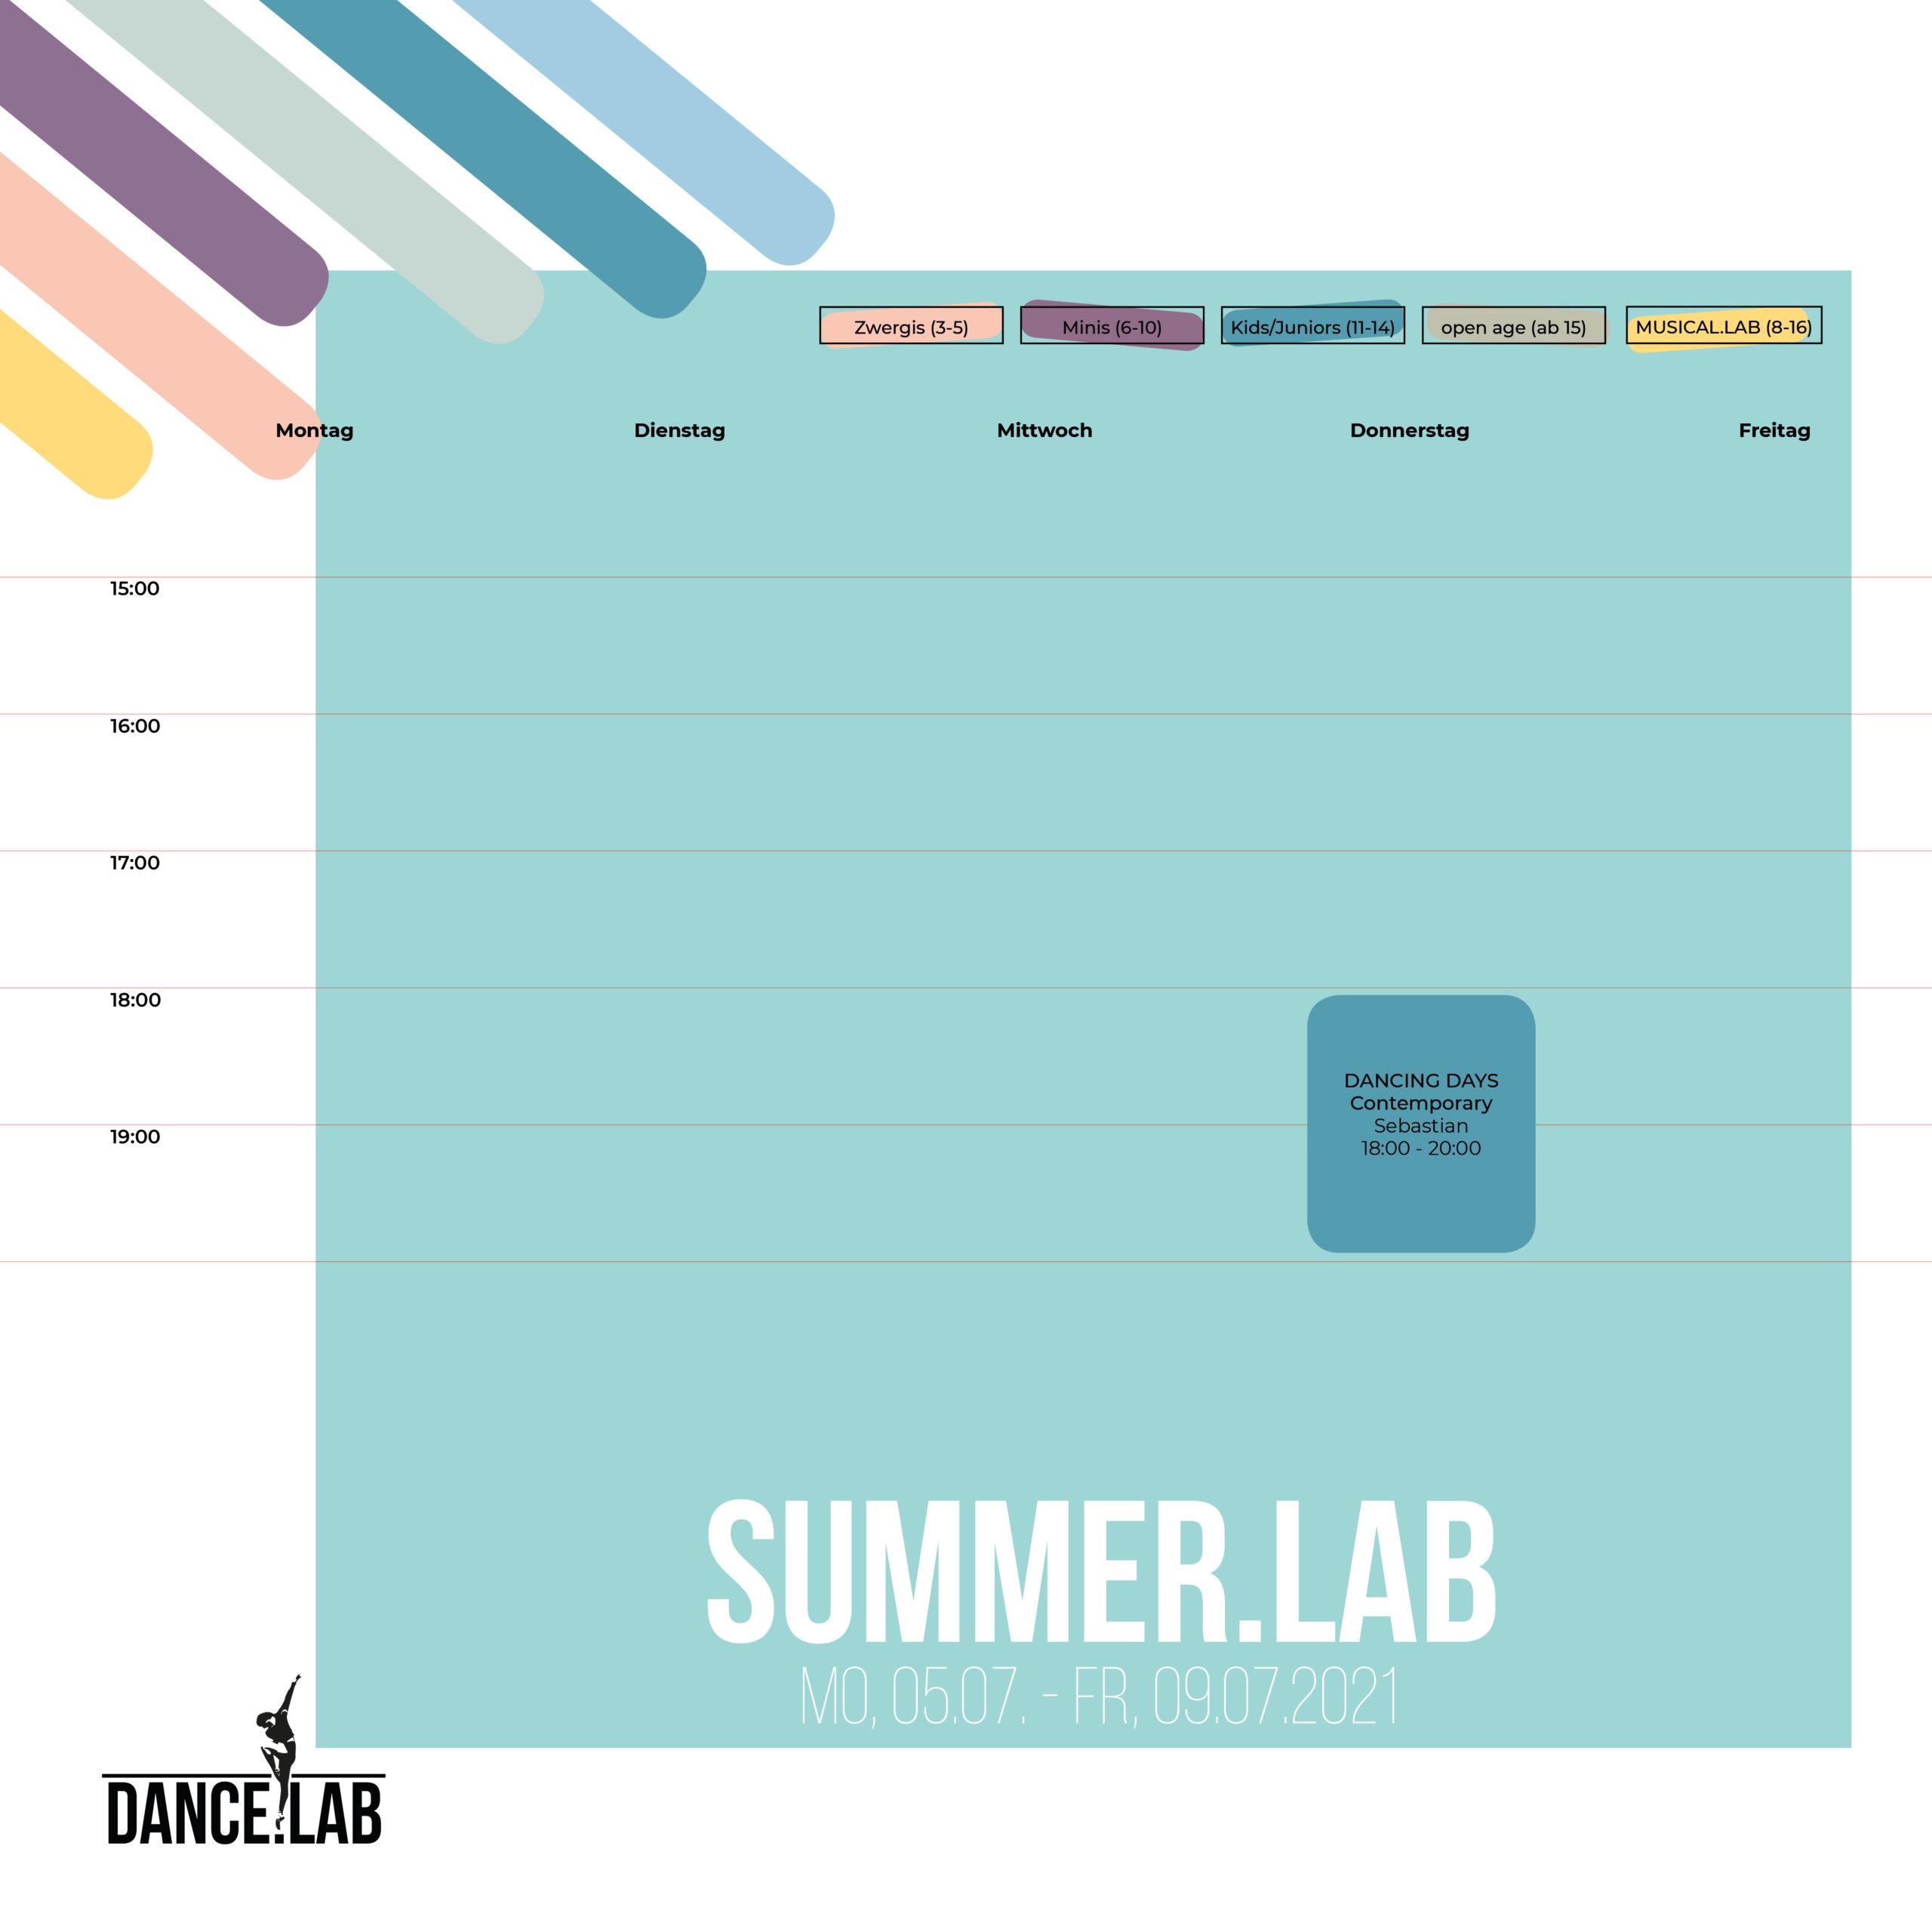 SUMMER.LAB - Woche 1